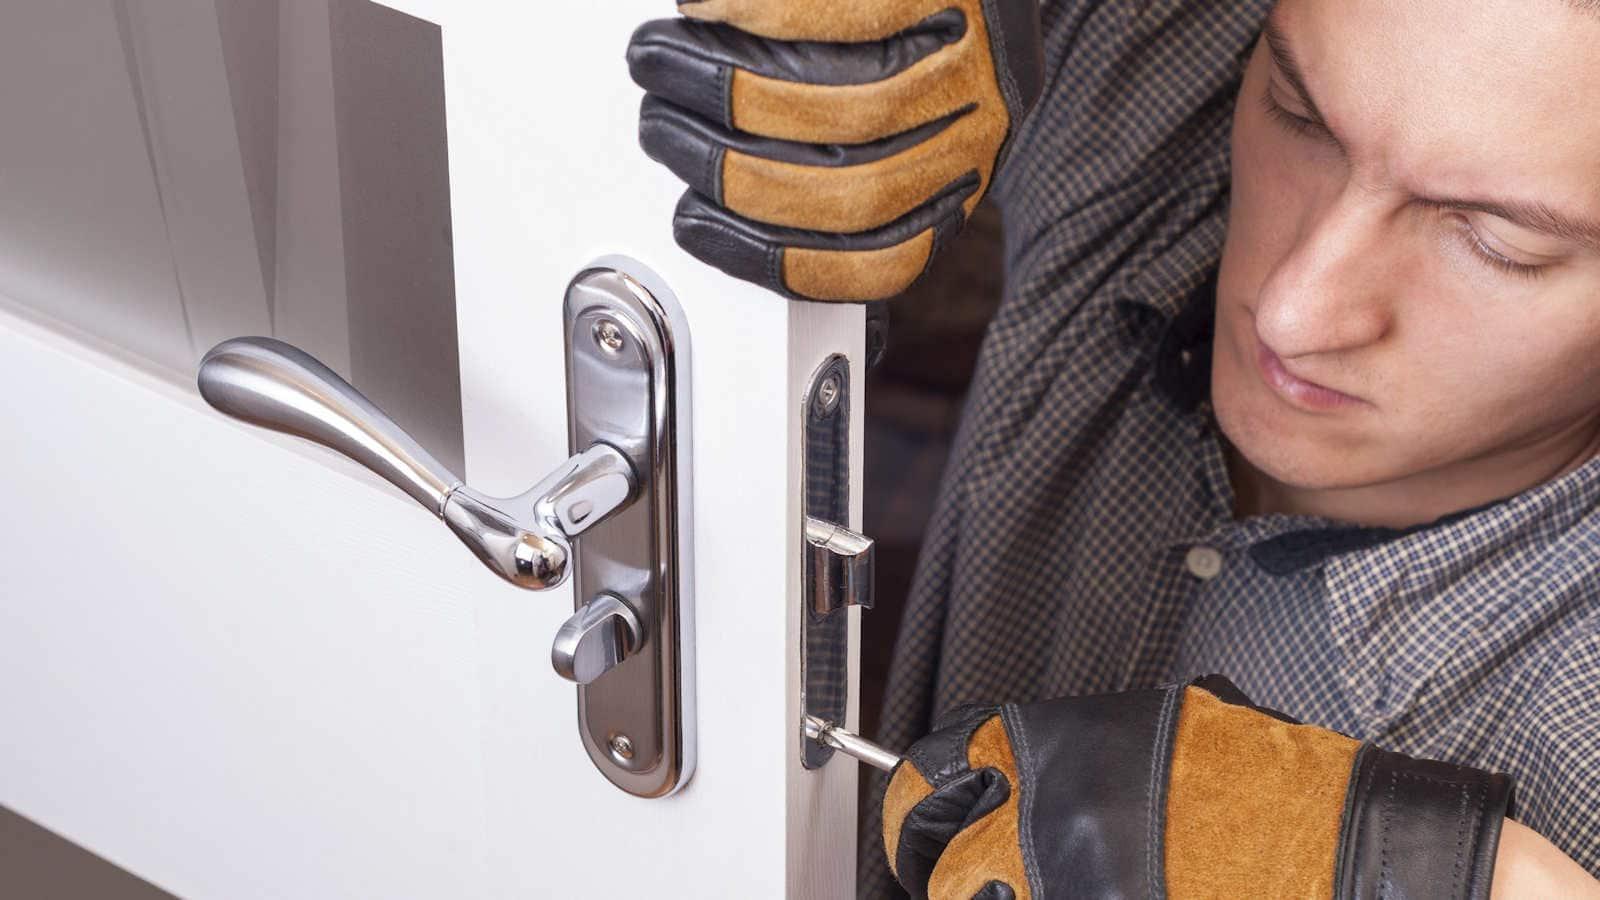 KeyMe Locksmiths in Fort Washington